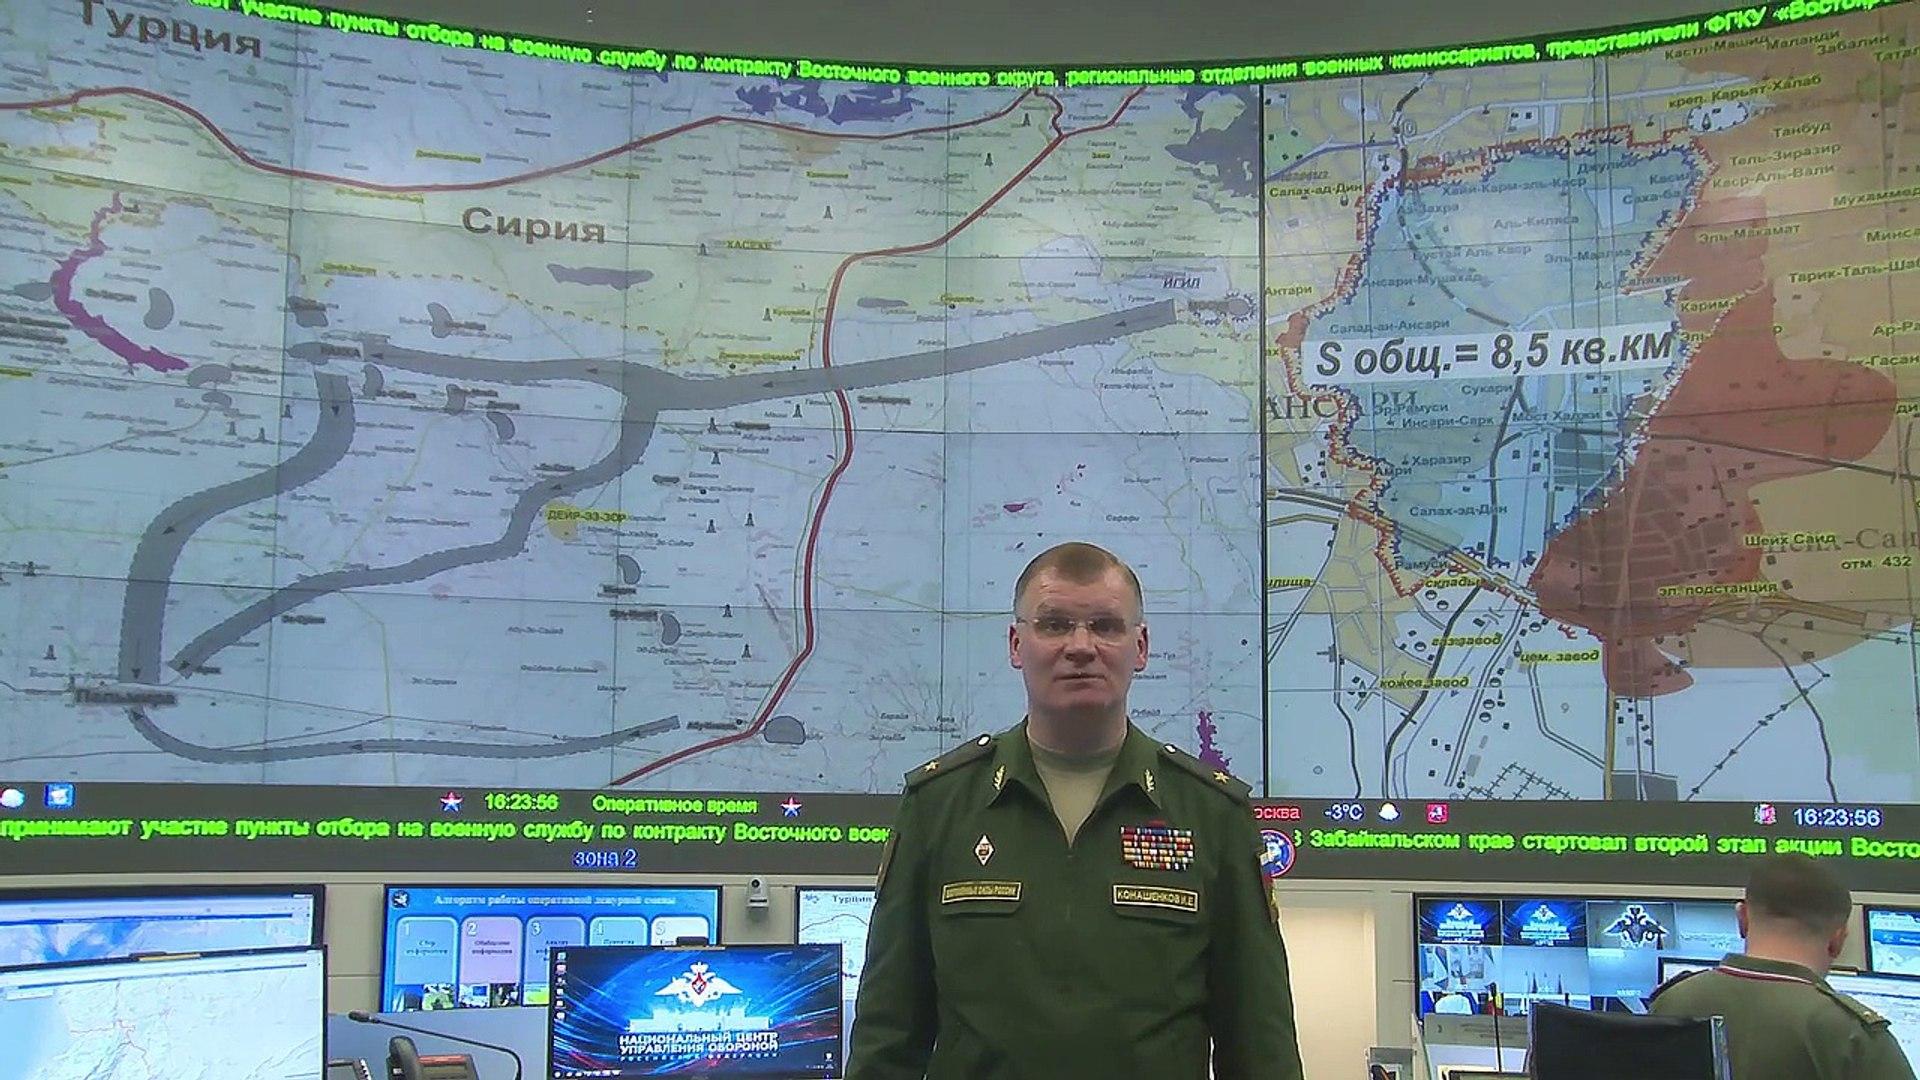 Пресс-брифинг официального представителя Минобороны России о ситуации в Алеппо 12 декабря 2016 года